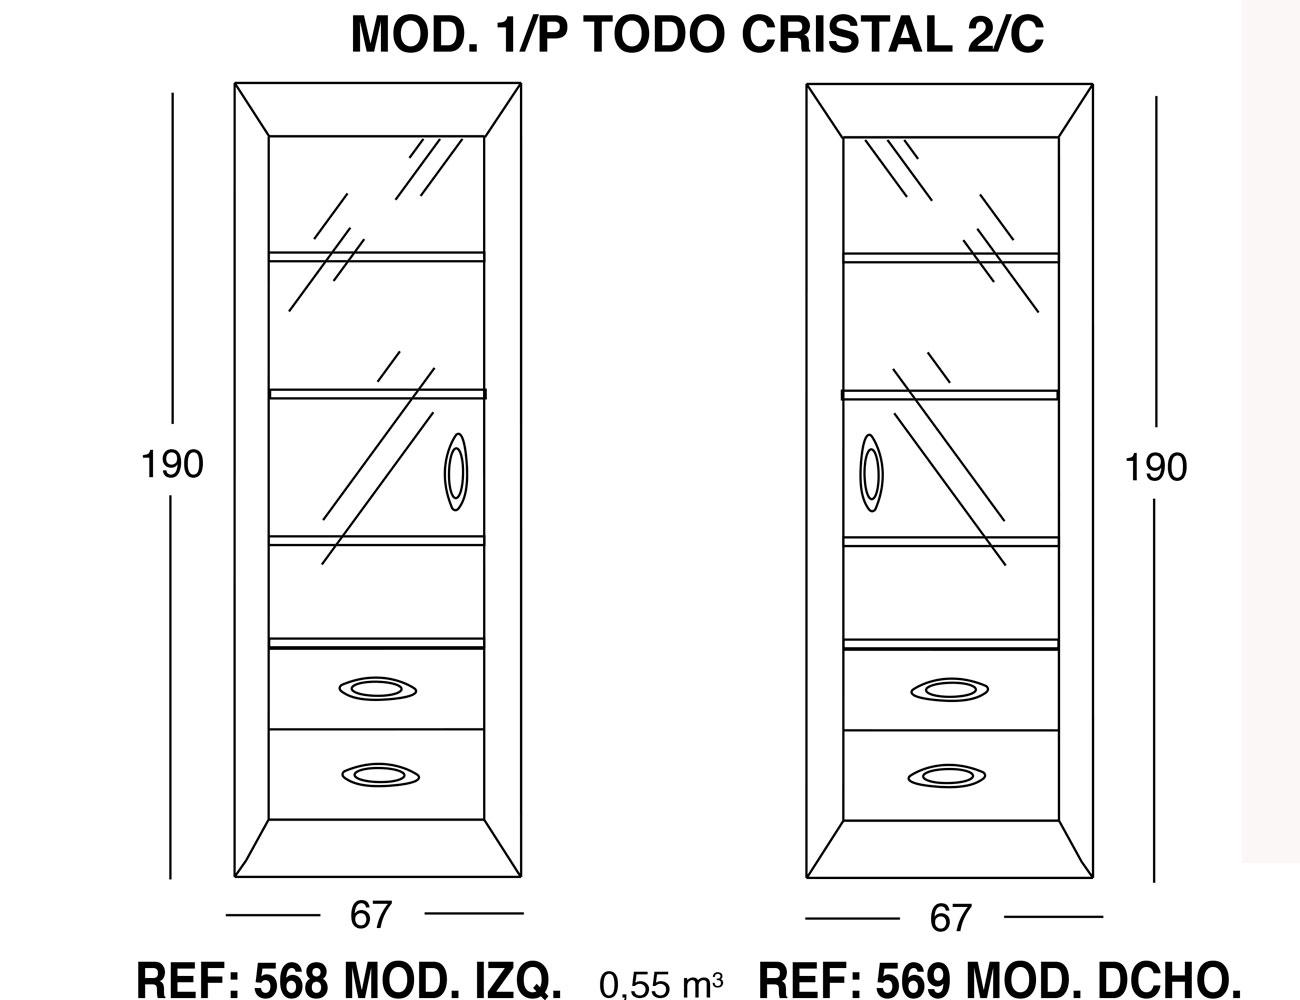 Modulo 1 puerta todo cristal 2 cajones